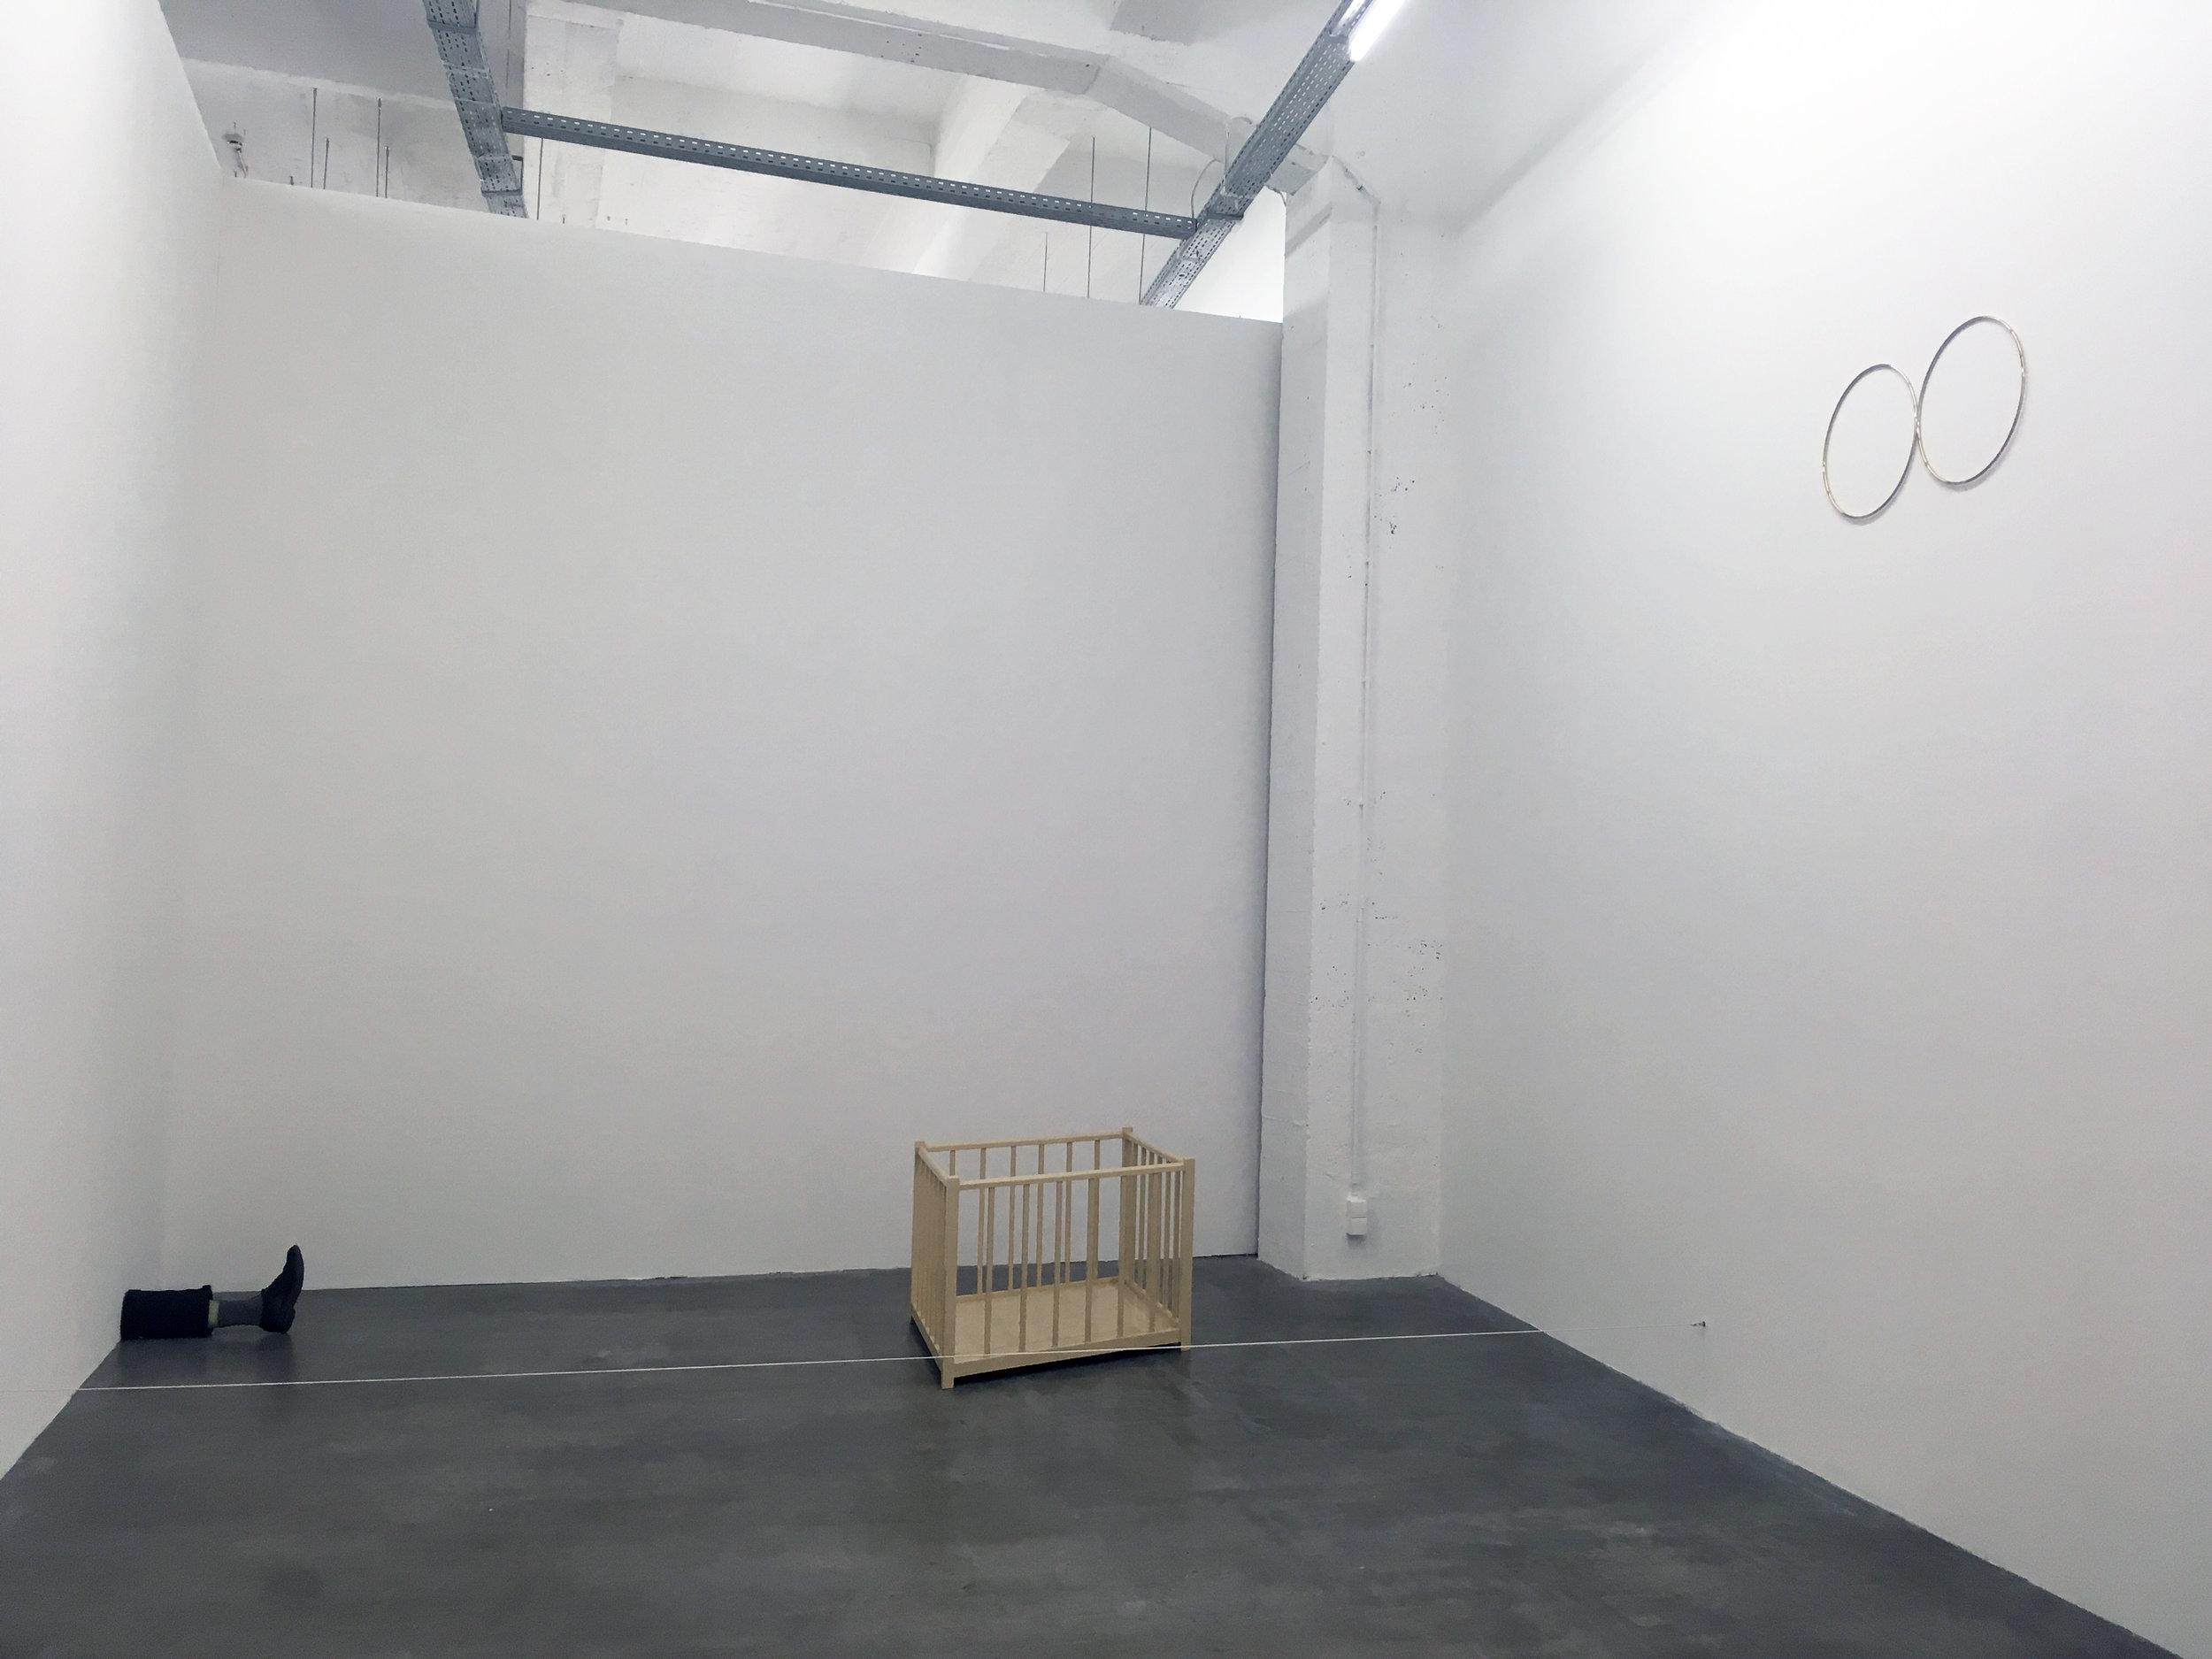 Robert Gobert et Felix Gonzalez Torres, Unexchangeable, WIELS, vue d'exposition. Photo: Zoé Schreiber